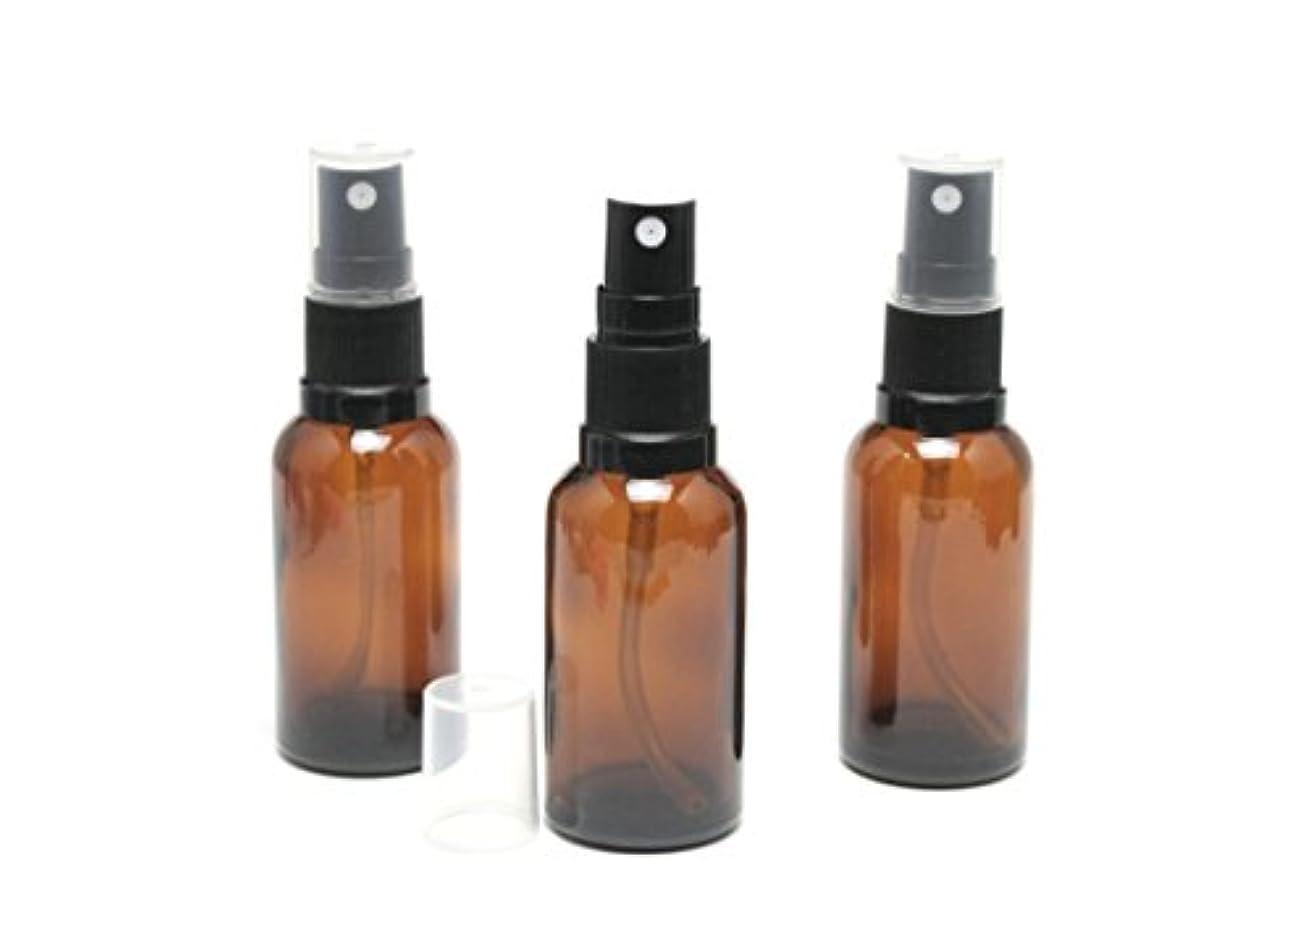 母音実質的ロードブロッキング遮光瓶 スプレーボトル (グラス/アトマイザー) 30ml アンバー/ブラックヘッド 3本セット 【 新品アウトレット商品 】